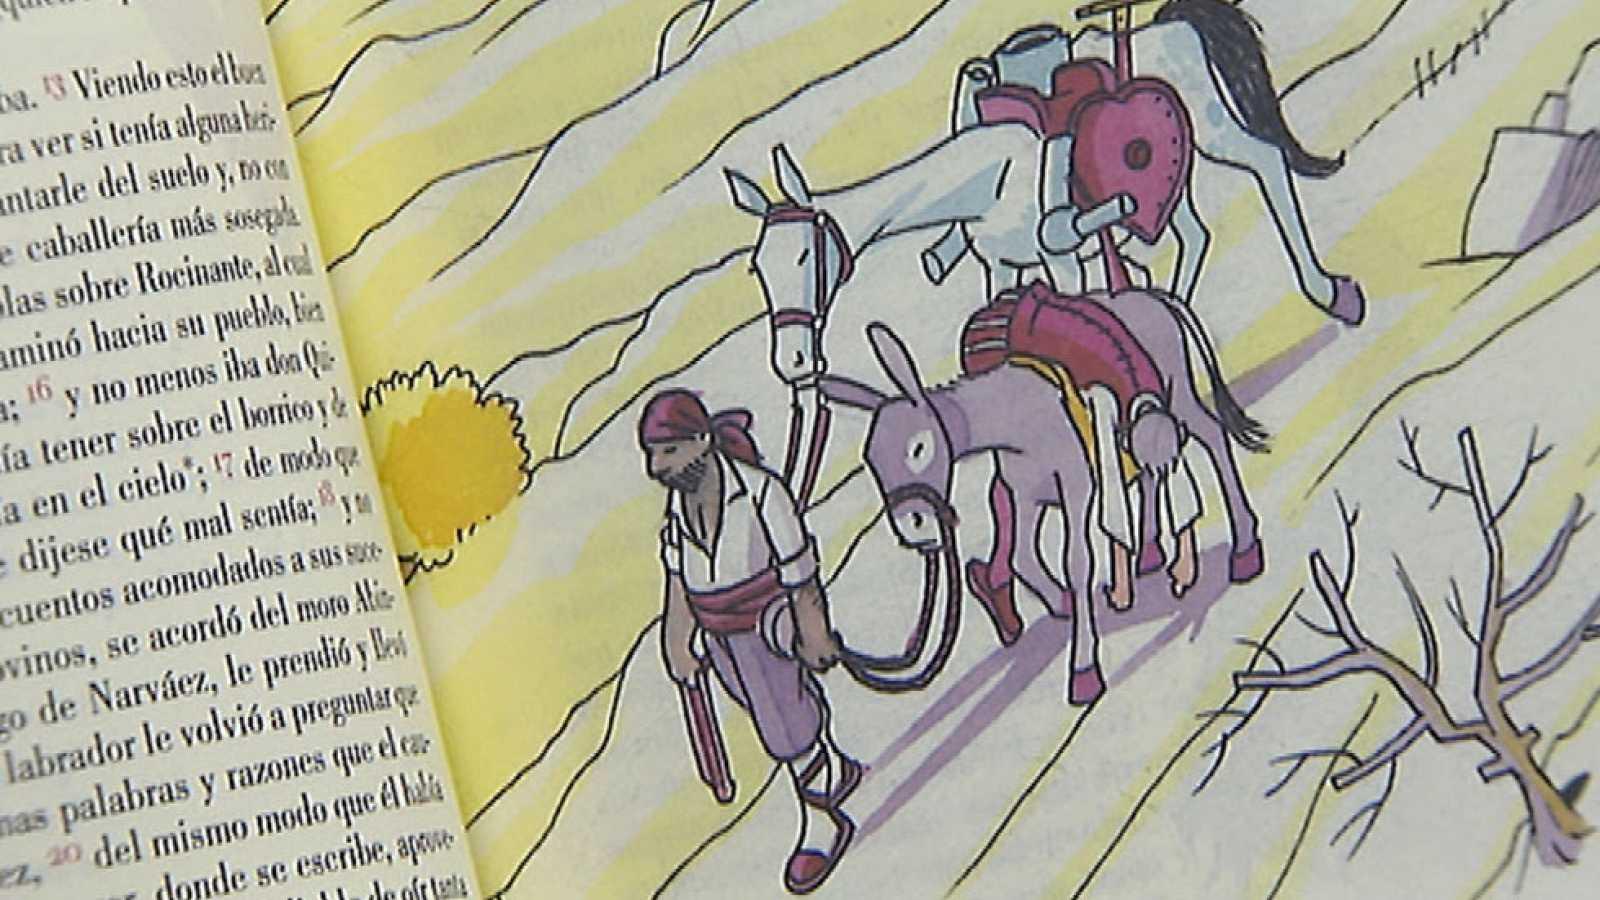 Se presenta una nueva edición de la obra del Quijote con más humor e ilustraciones